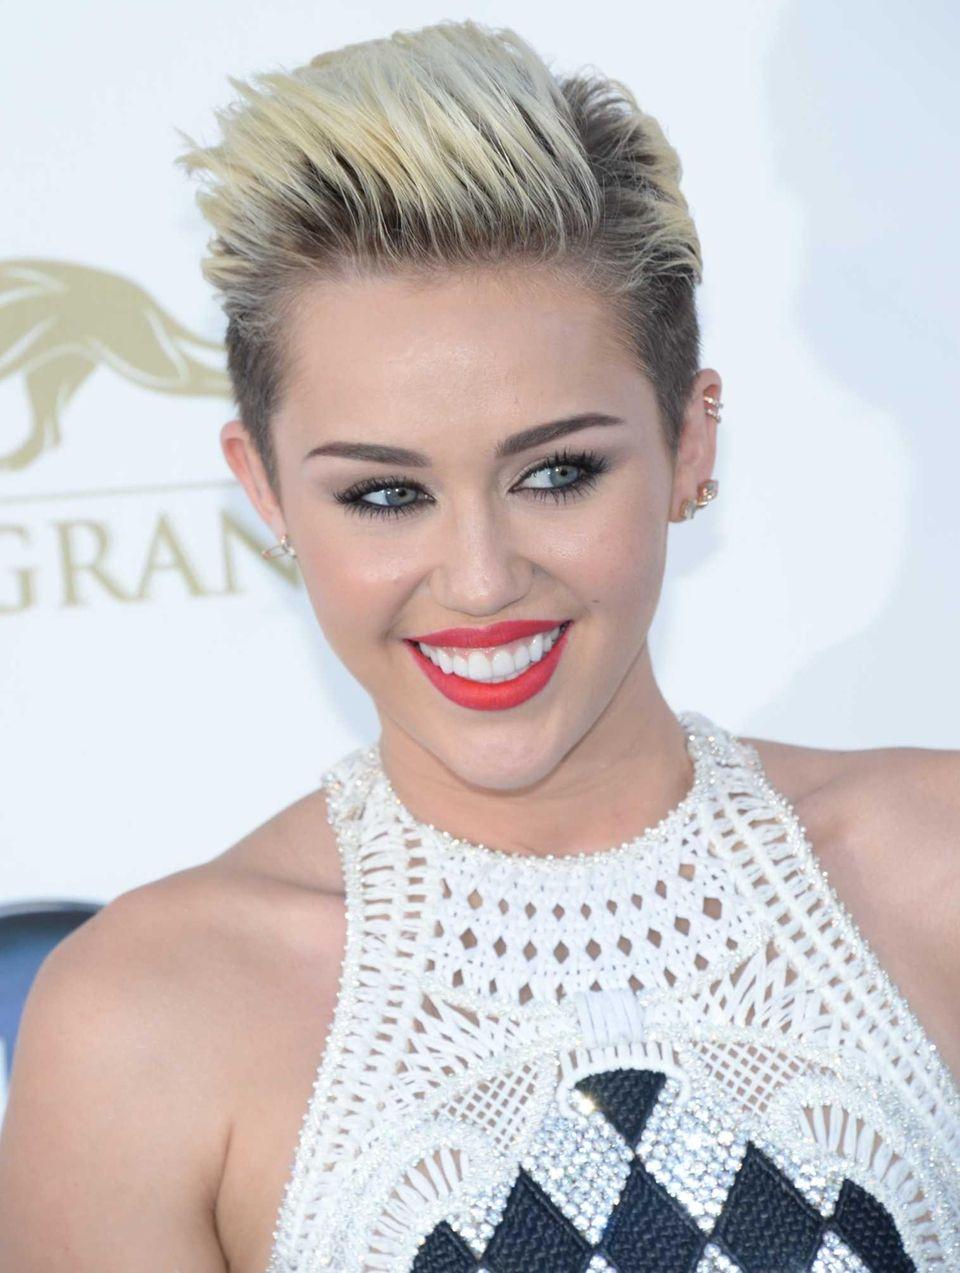 Nov. 23: Miley Cyrus